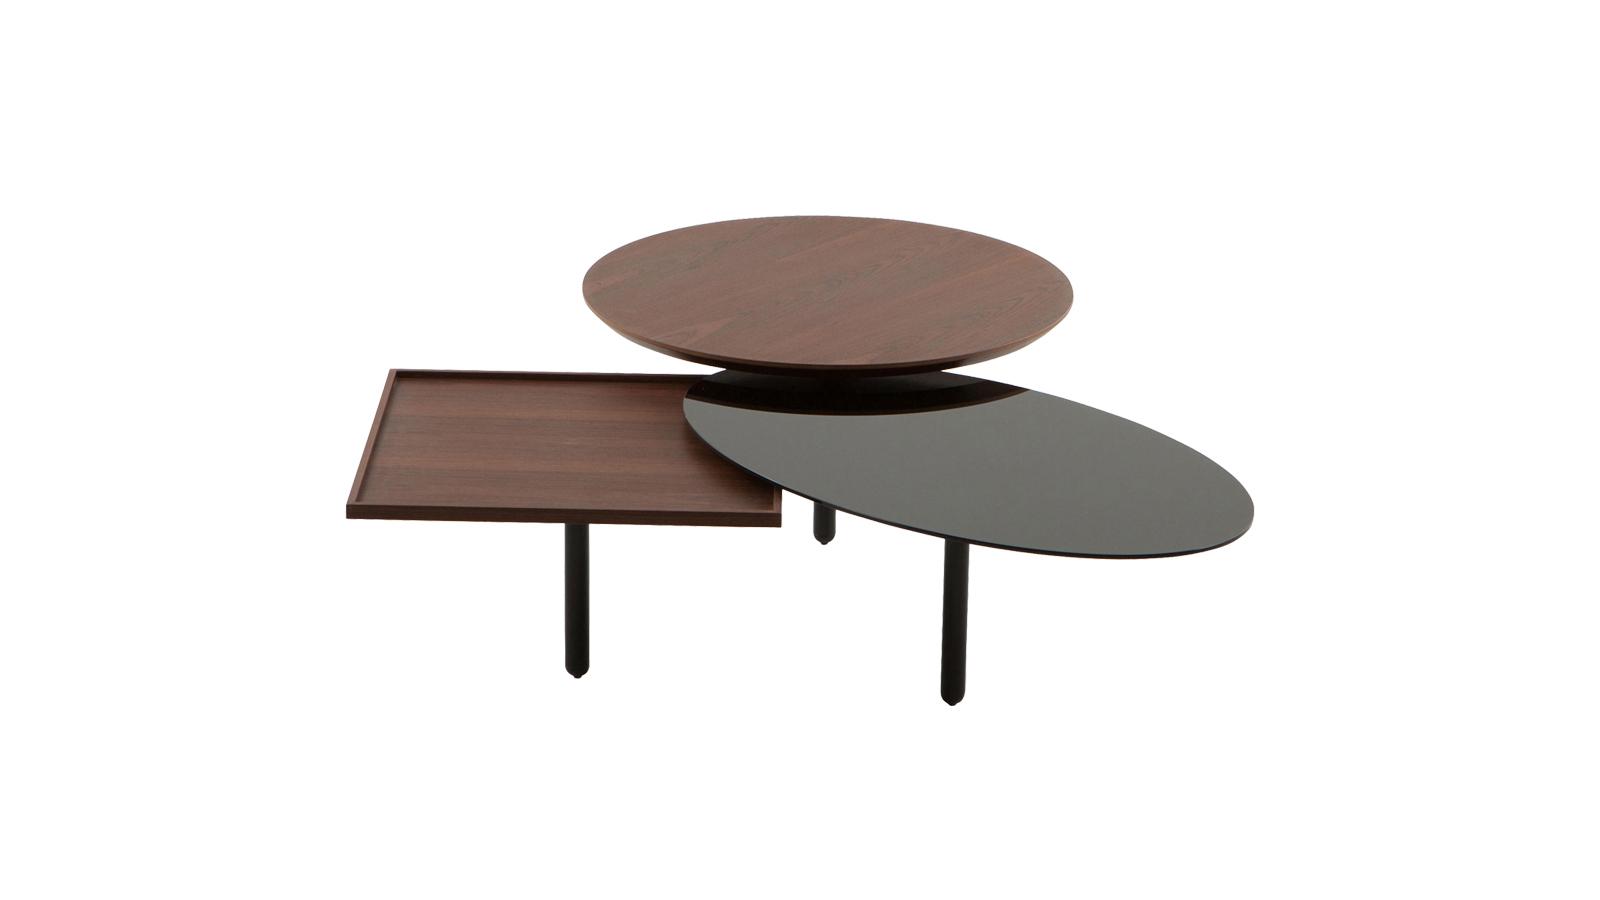 A 3Table, ahogy arra a neve is utal, formák hármasegységéből áll össze egy dohányzóasztallá. A fényes, fekete fémlábak három különböző, ám egymással harmóniában lévő, rejtett elemekkel összekötött asztallapot tartanak, melyek közül egy kerek fa lap helyezkedik el a legmagasabban, ezt követi az ovális, festett, fekete üveg, majd egy ismét fából készült, tálcaszerű, négyzetes forma.